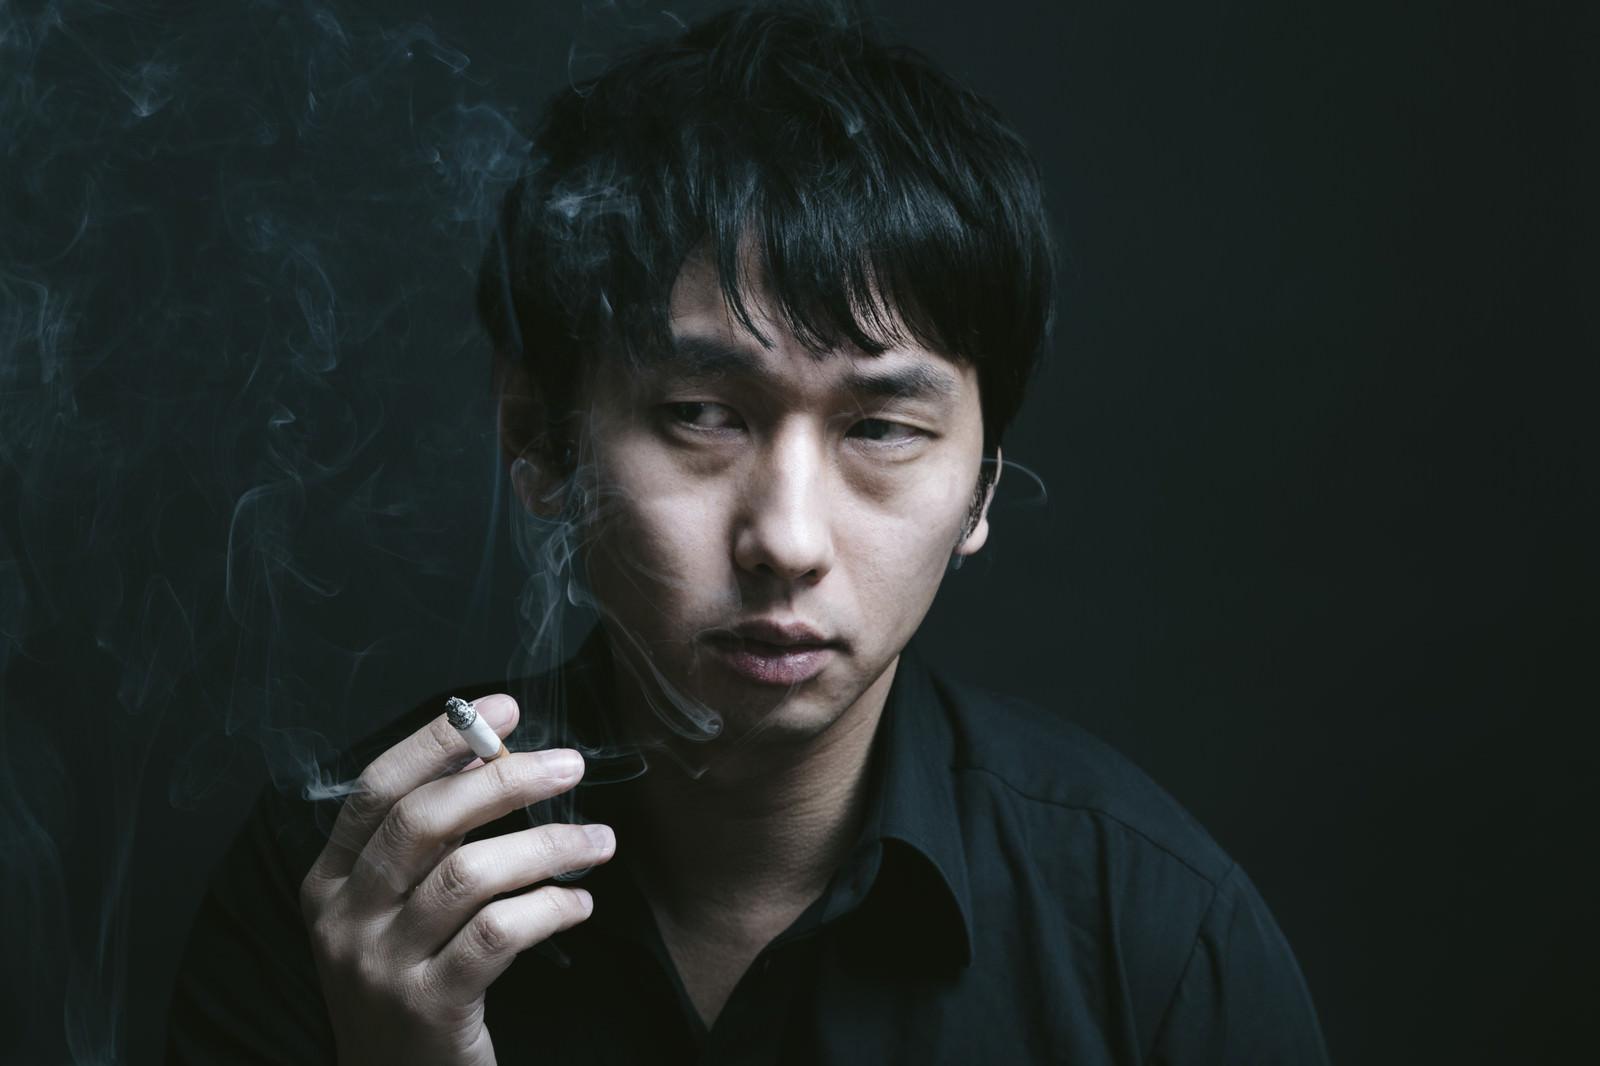 「暗い喫煙室で煙草を吸う男性暗い喫煙室で煙草を吸う男性」[モデル:大川竜弥]のフリー写真素材を拡大